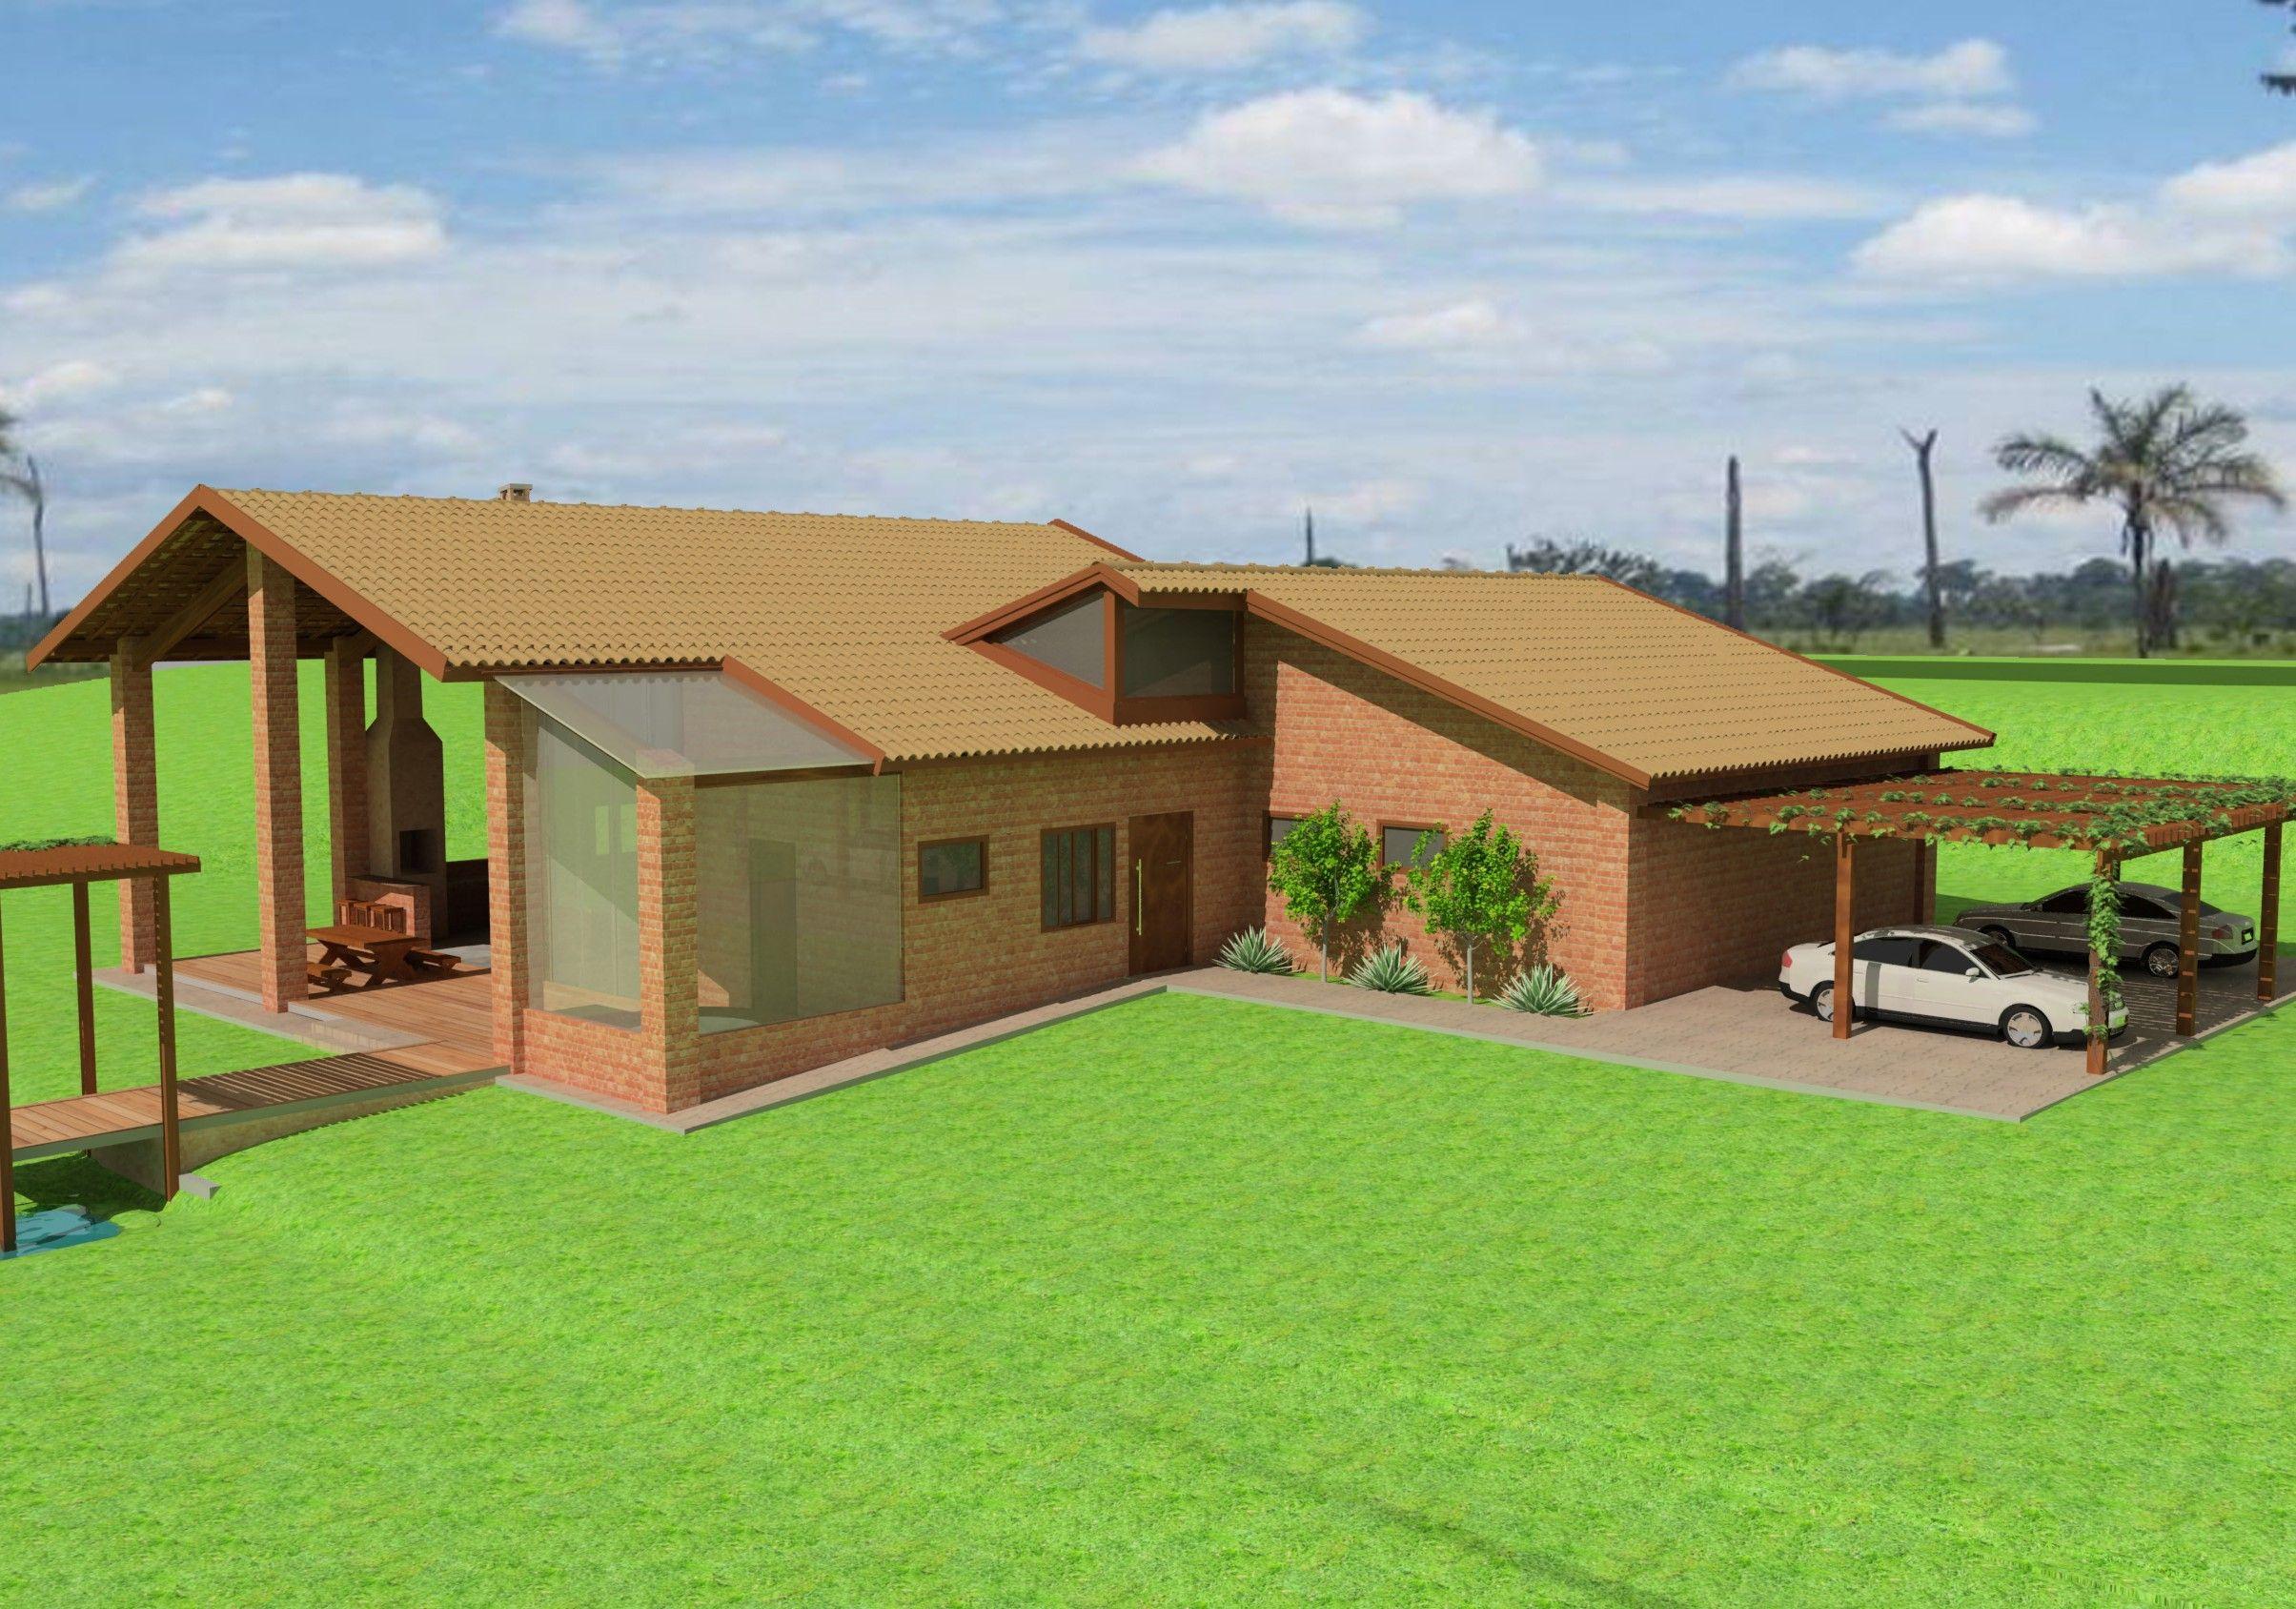 """Constru§µes populares tijolos ecol³gicos de solo cimento Constru§µes materiais e ideias ECOL""""GICAS"""